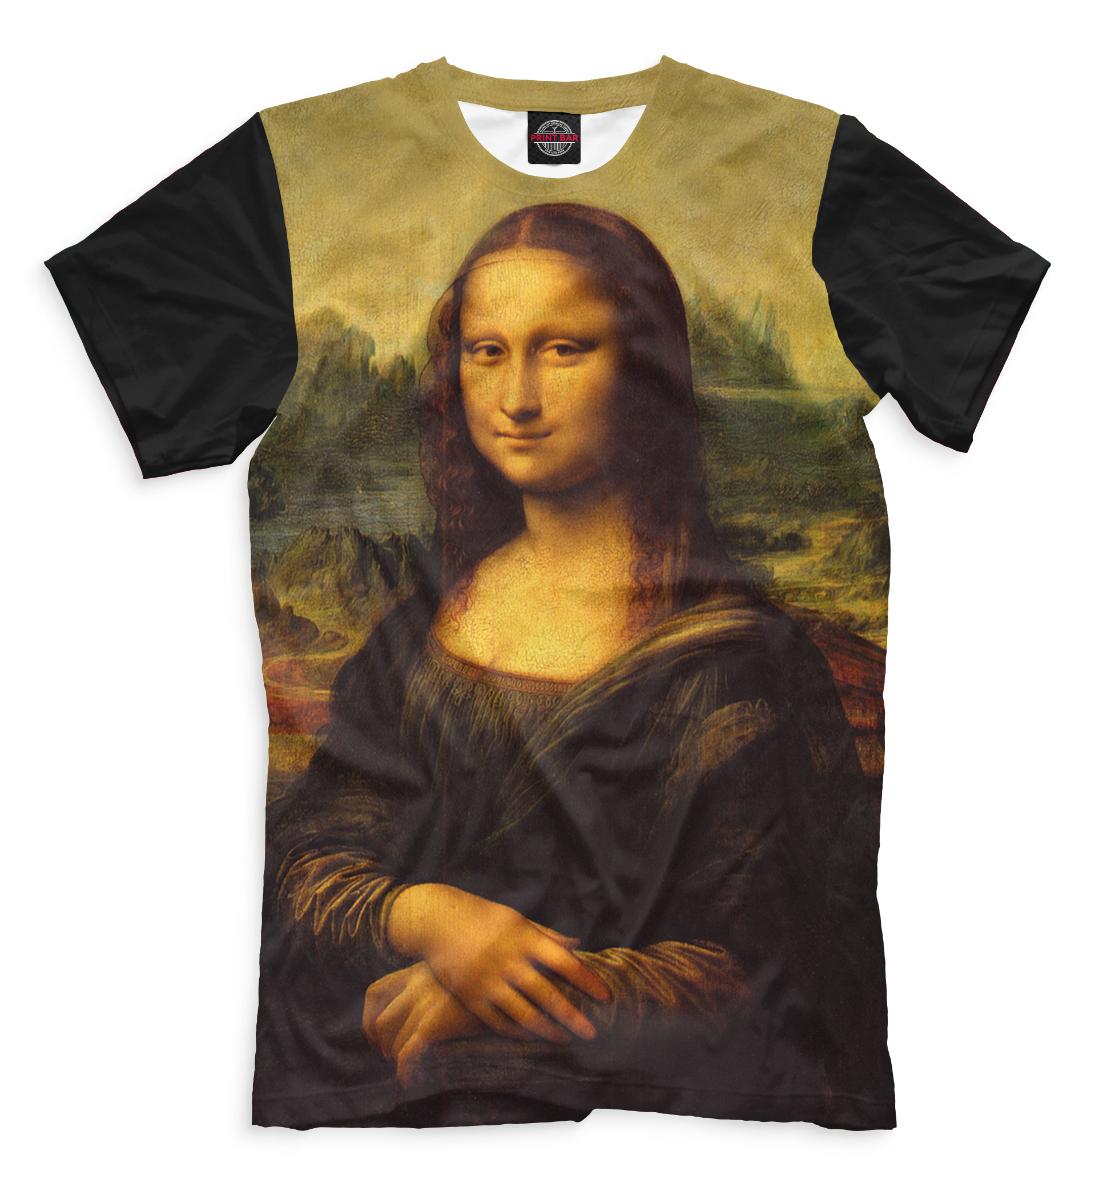 Купить Мона Лиза Джоконда, Printbar, Футболки, GHI-465789-fut-2